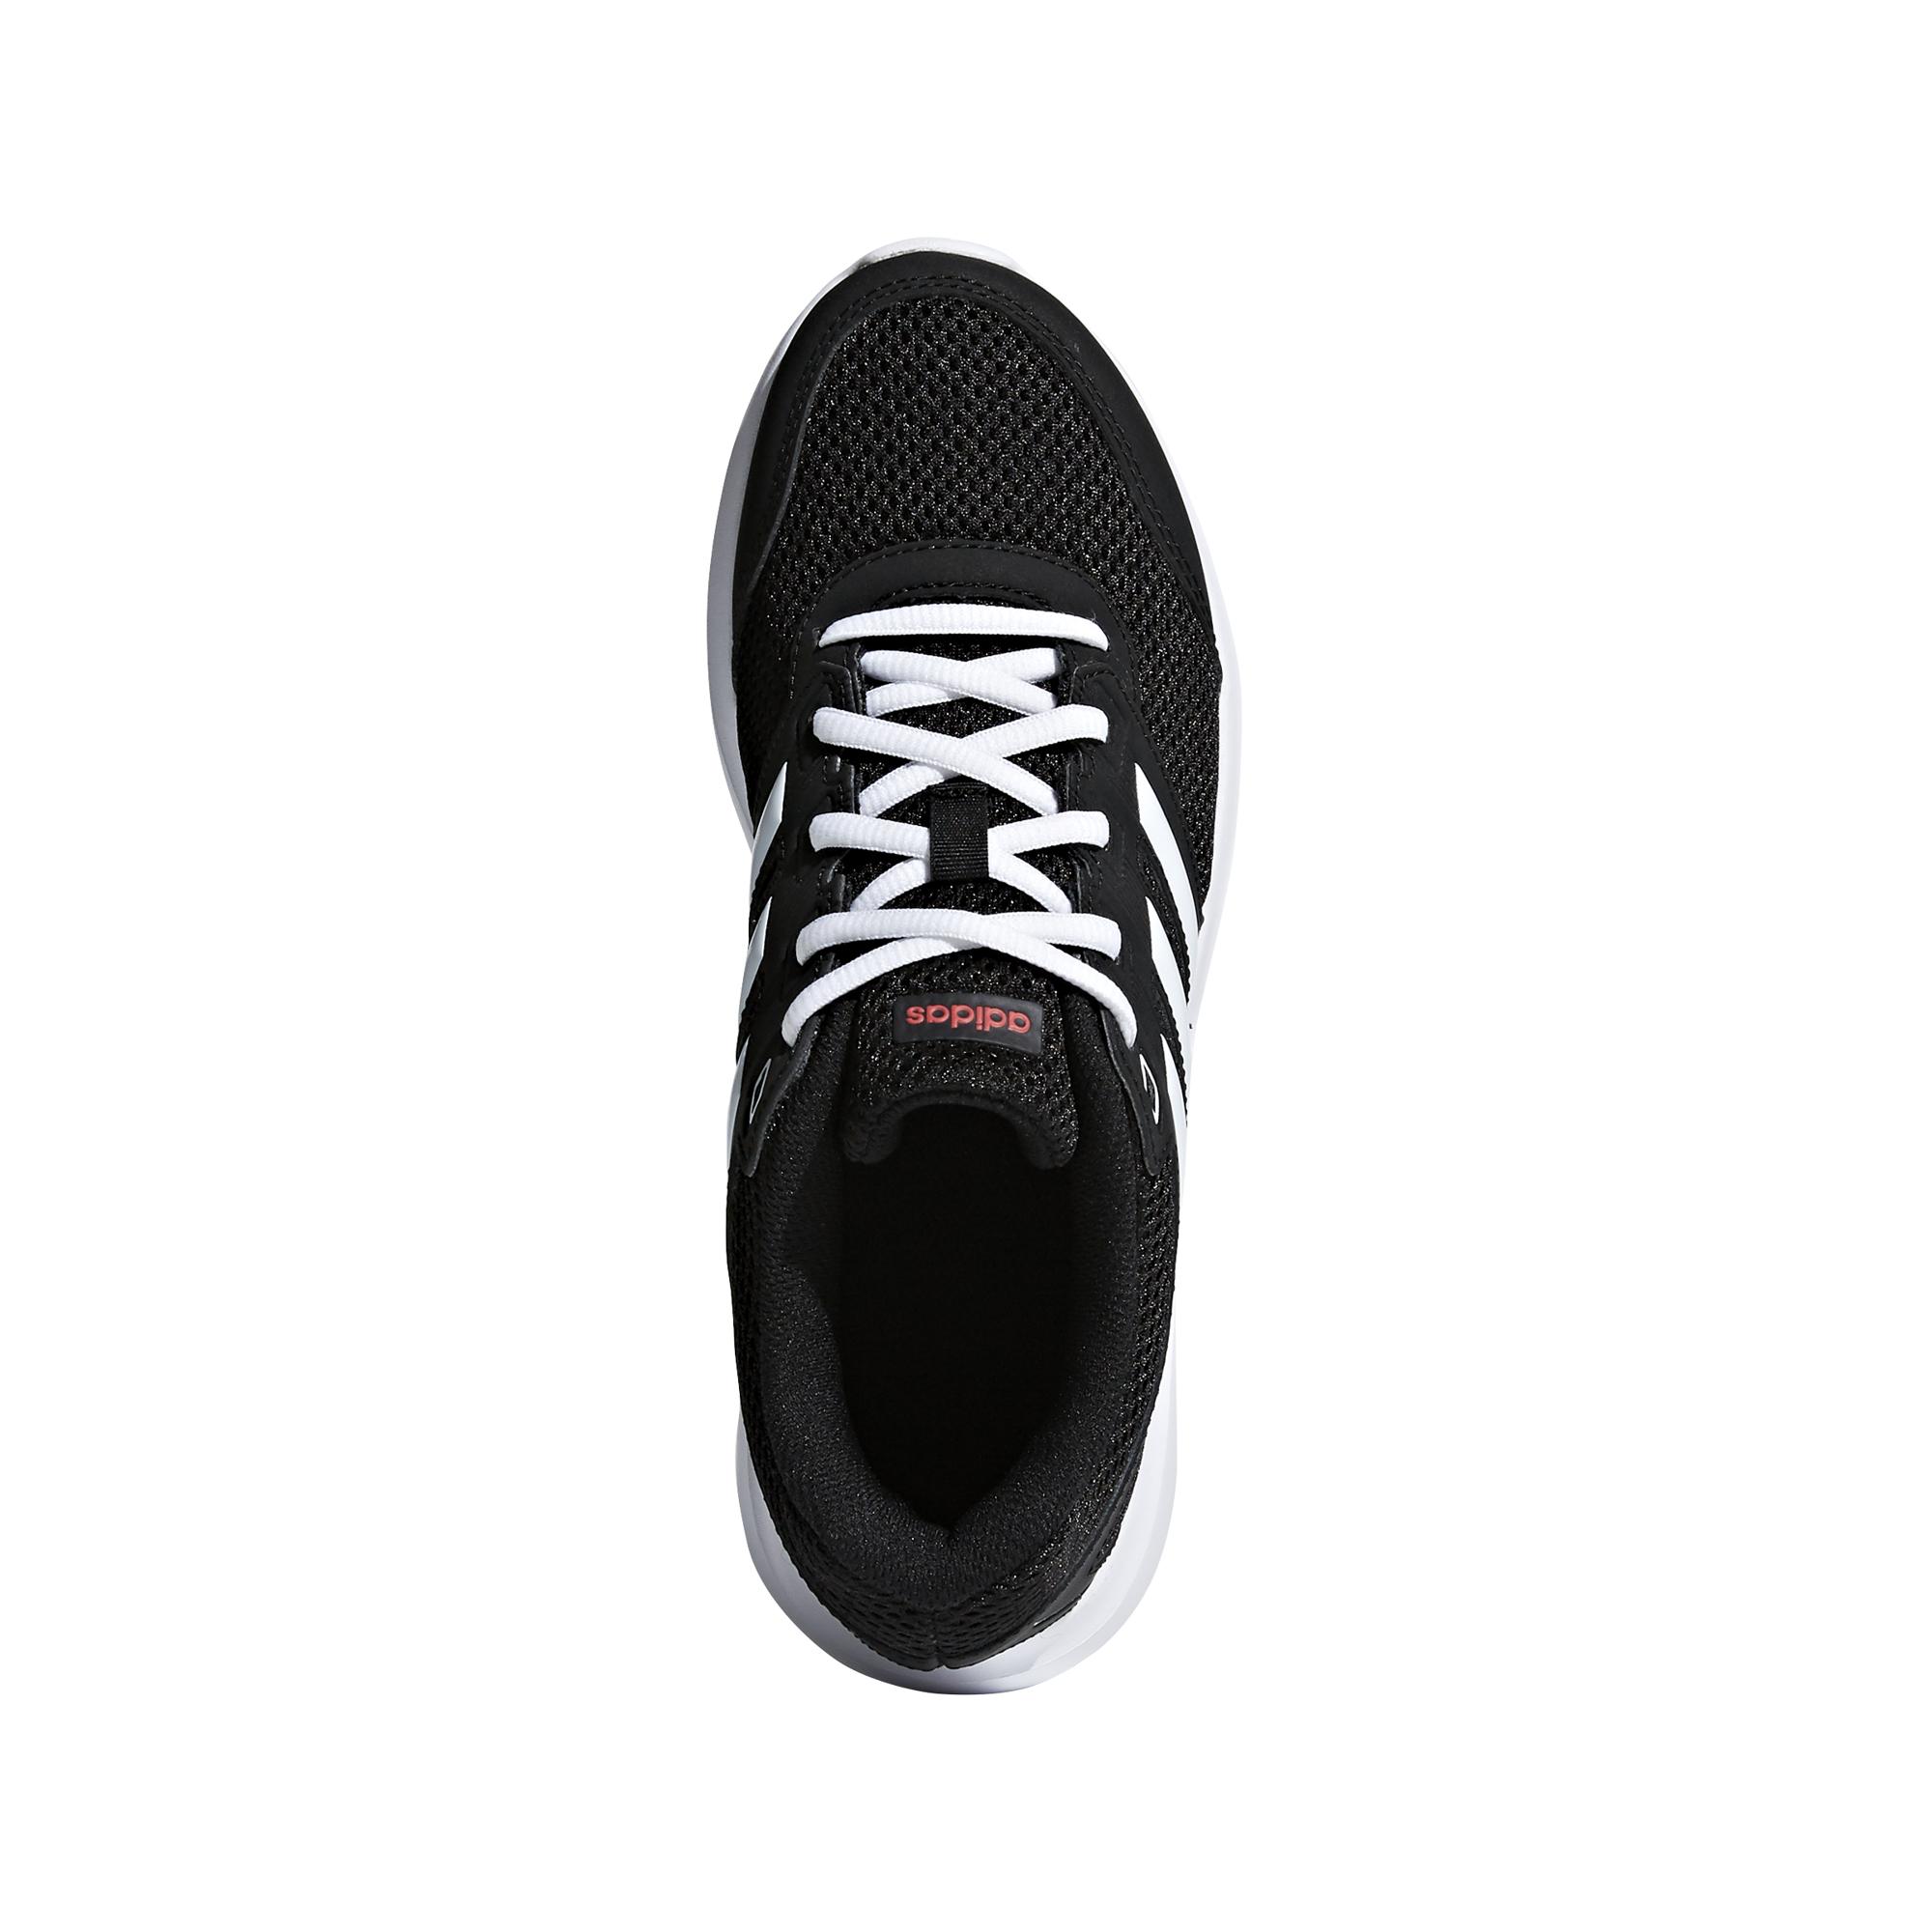 nowy wygląd tania wyprzedaż usa świetne ceny adidas Duramo Lite 2.0 CG4050